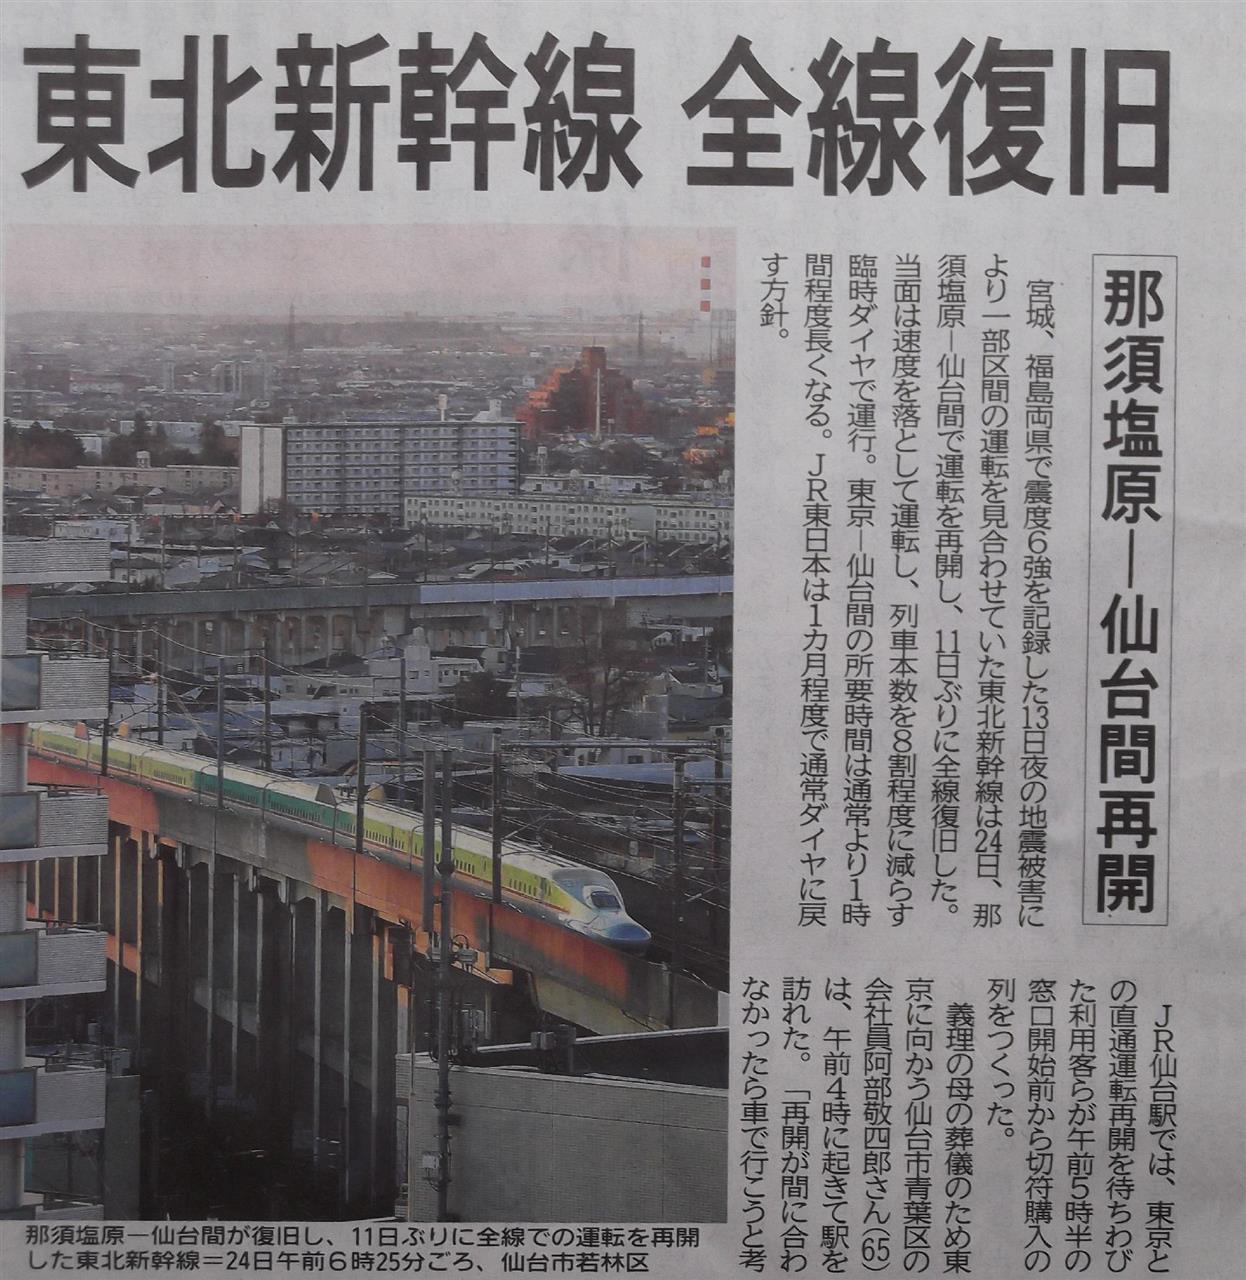 ダイヤ 臨時 東北 新幹線